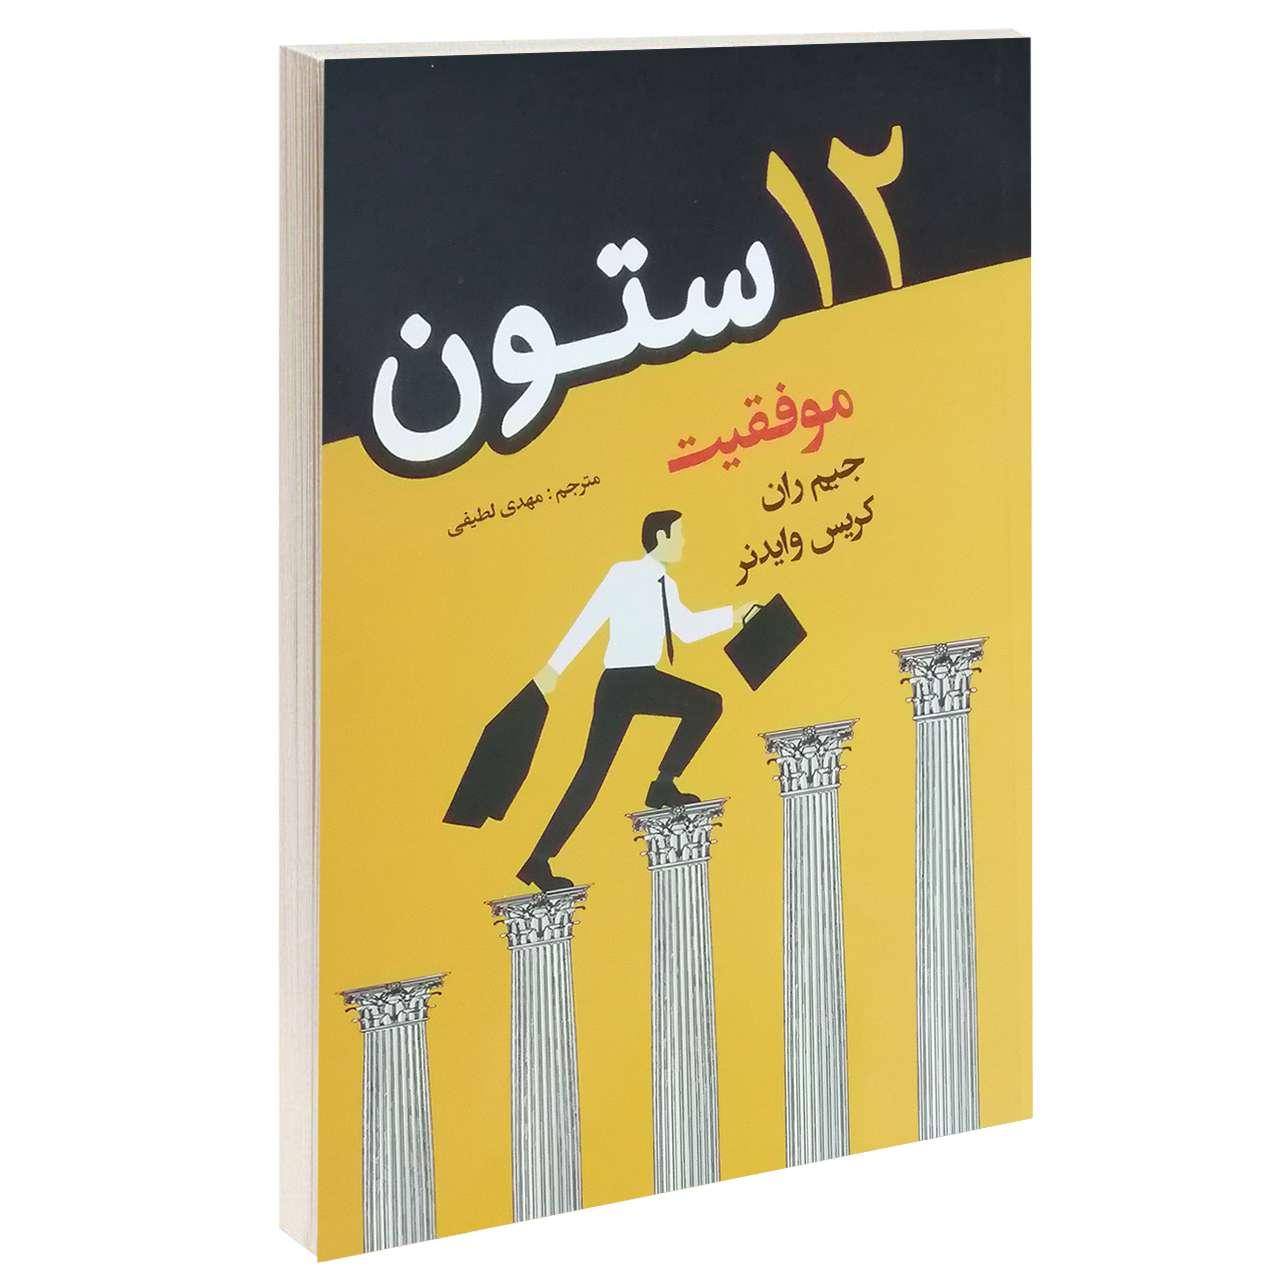 کتاب 12 ستون موفقیت اثر جیم ران و کریس وایدنر انتشارات پرثوآ